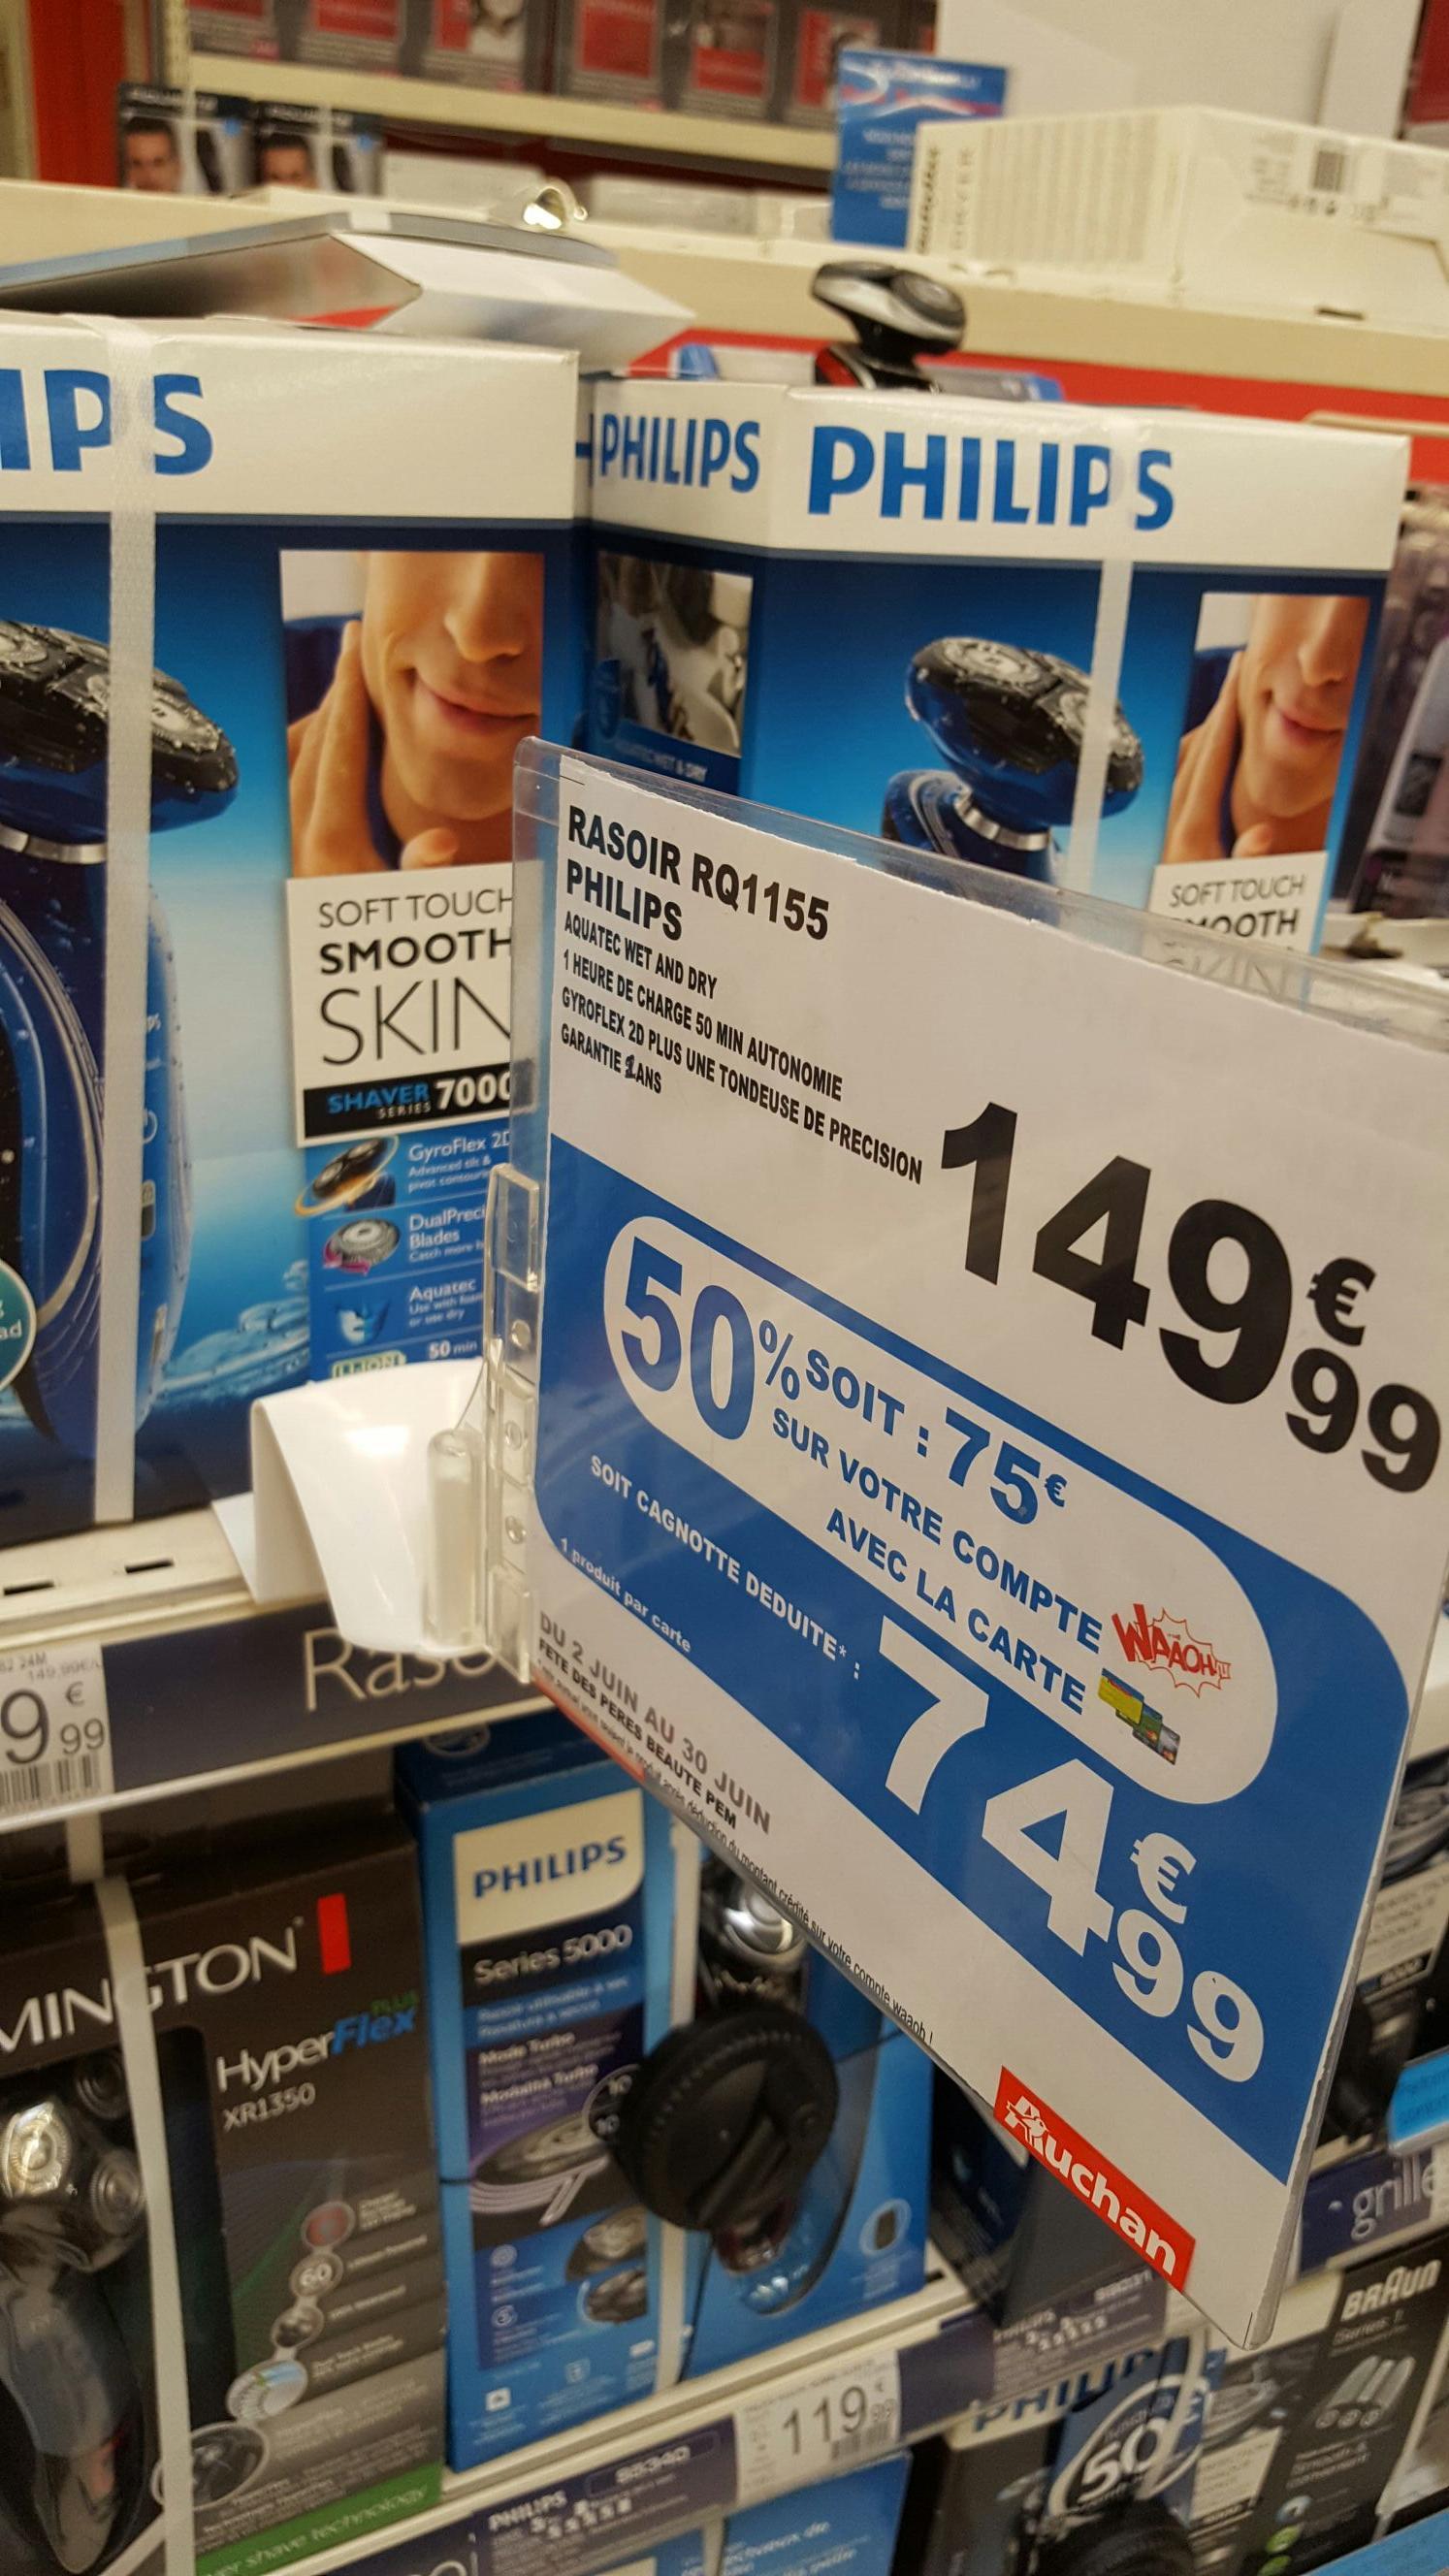 Rasoir Philips RQ1155 (avec 74.99€ sur la carte)